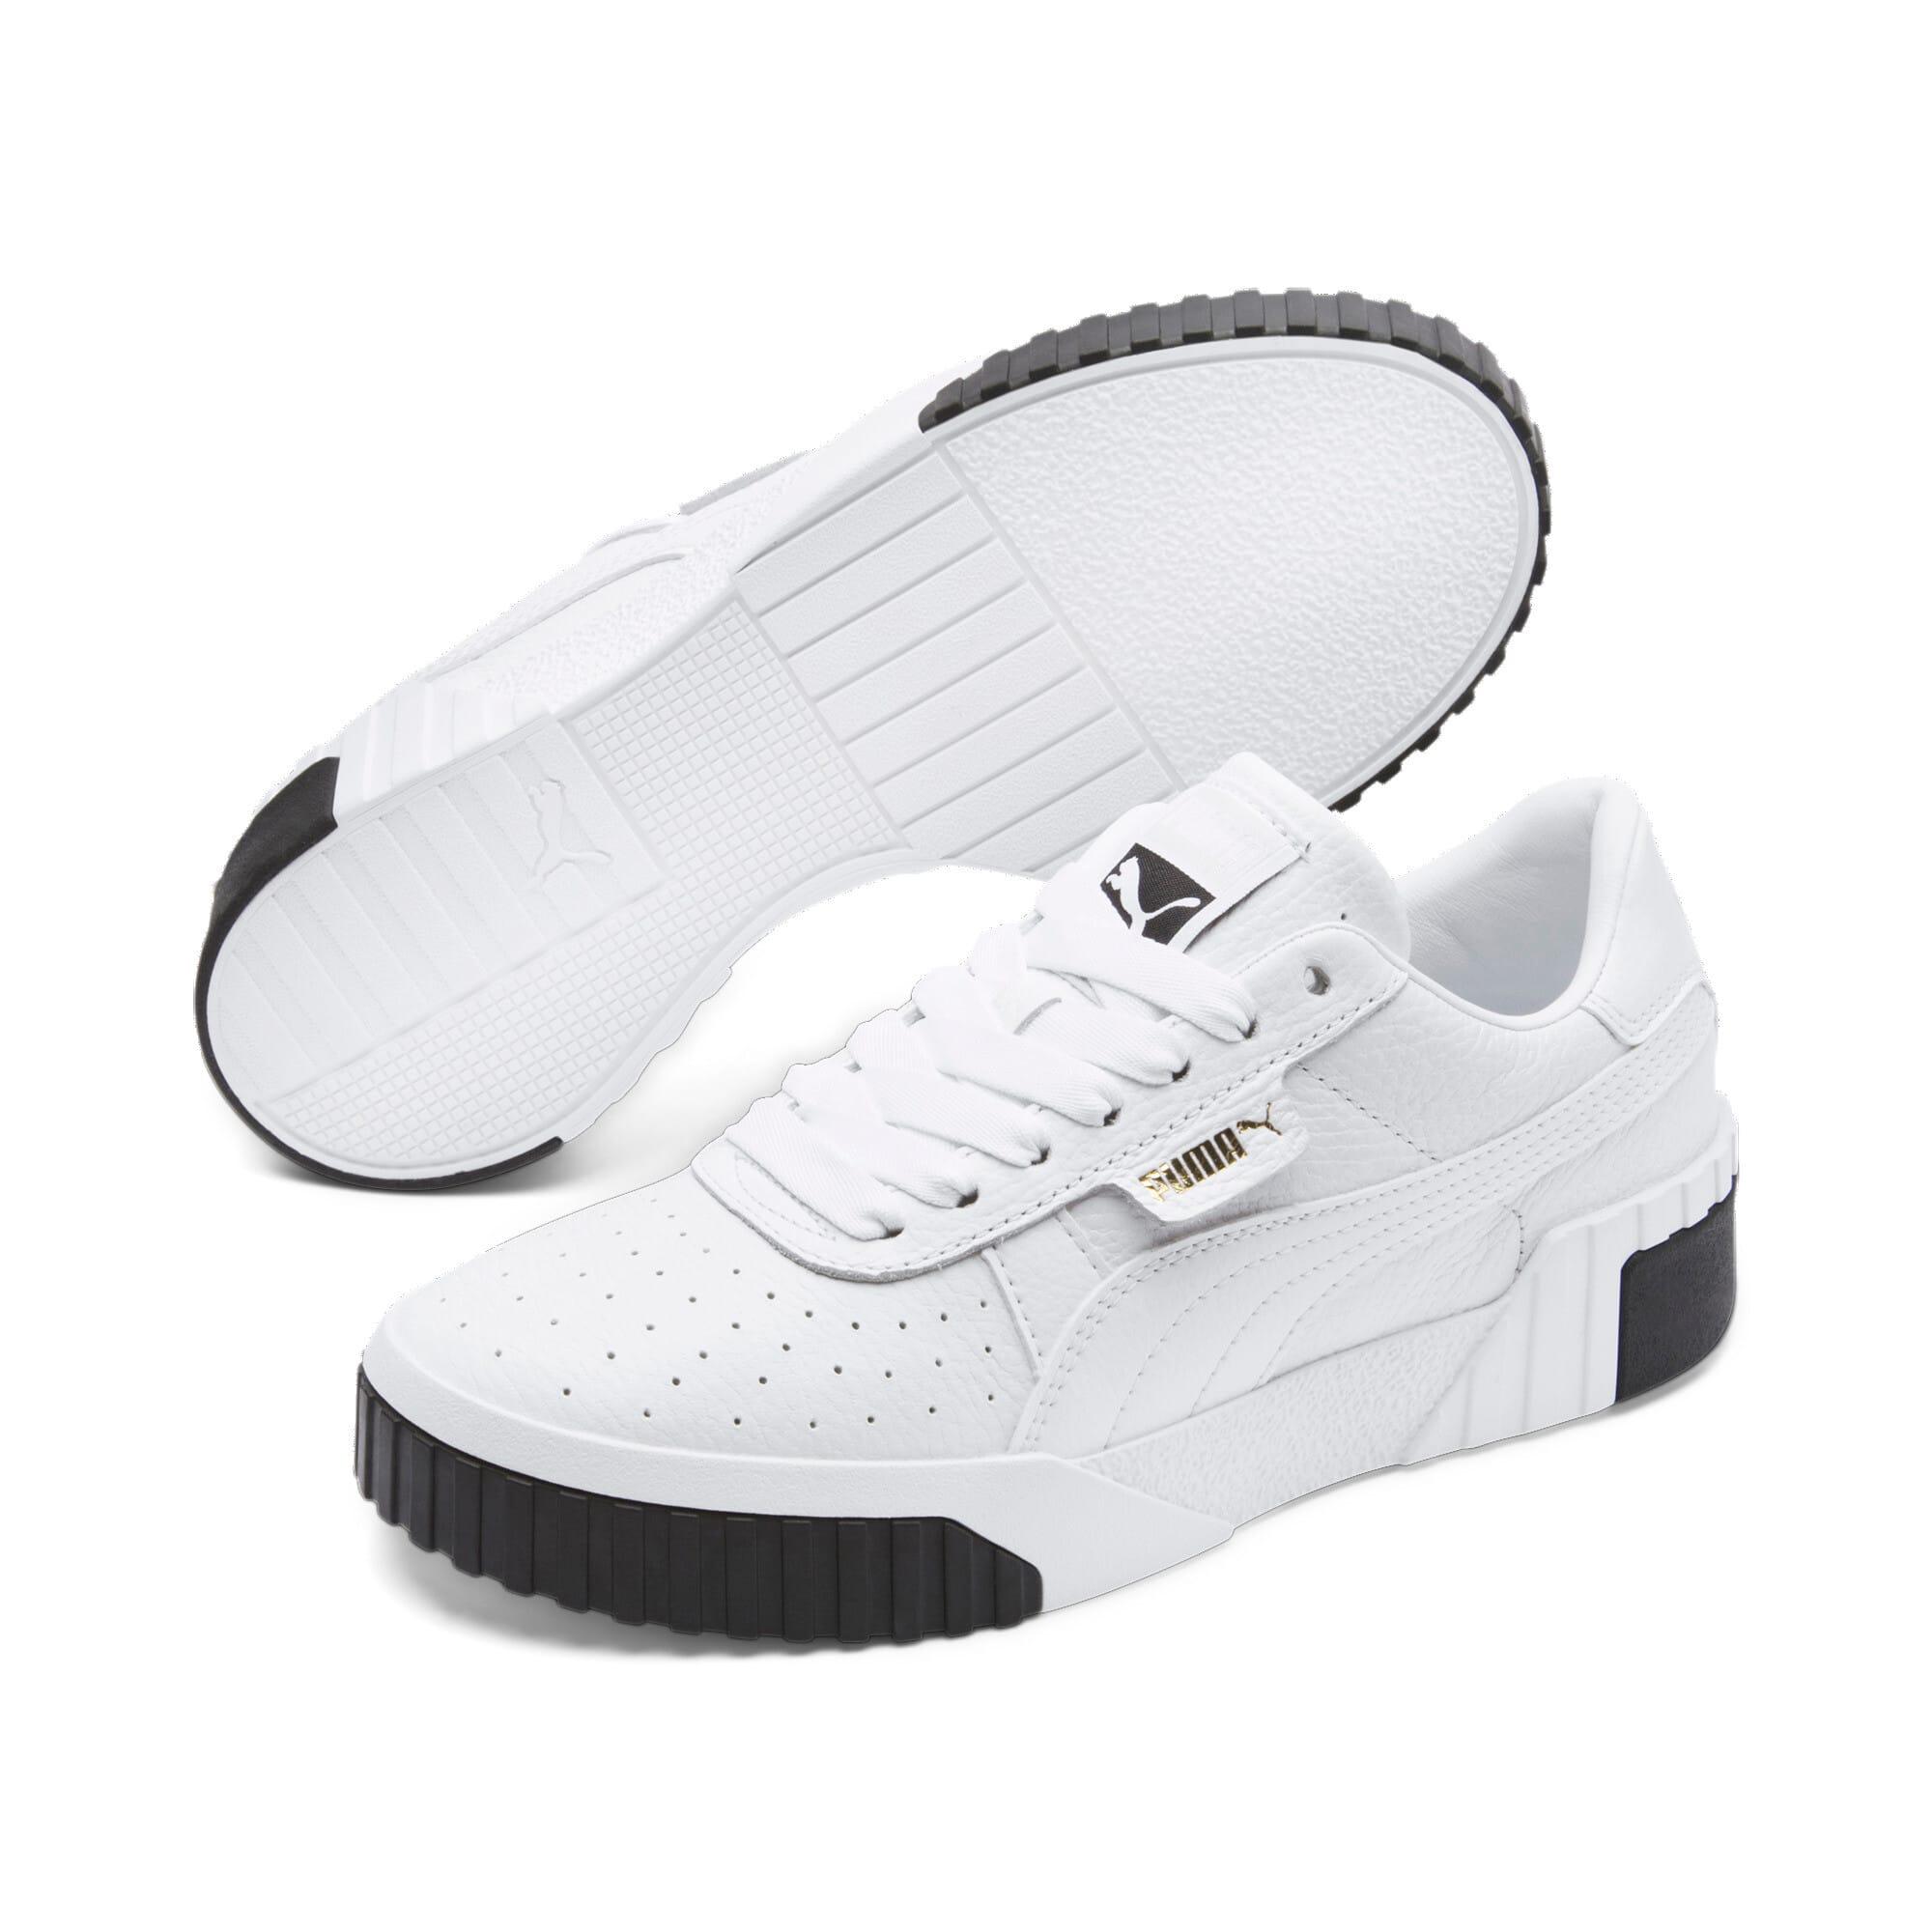 Miniatura 3 de Zapatos deportivos Cali para mujer, Puma White-Puma Black, mediano